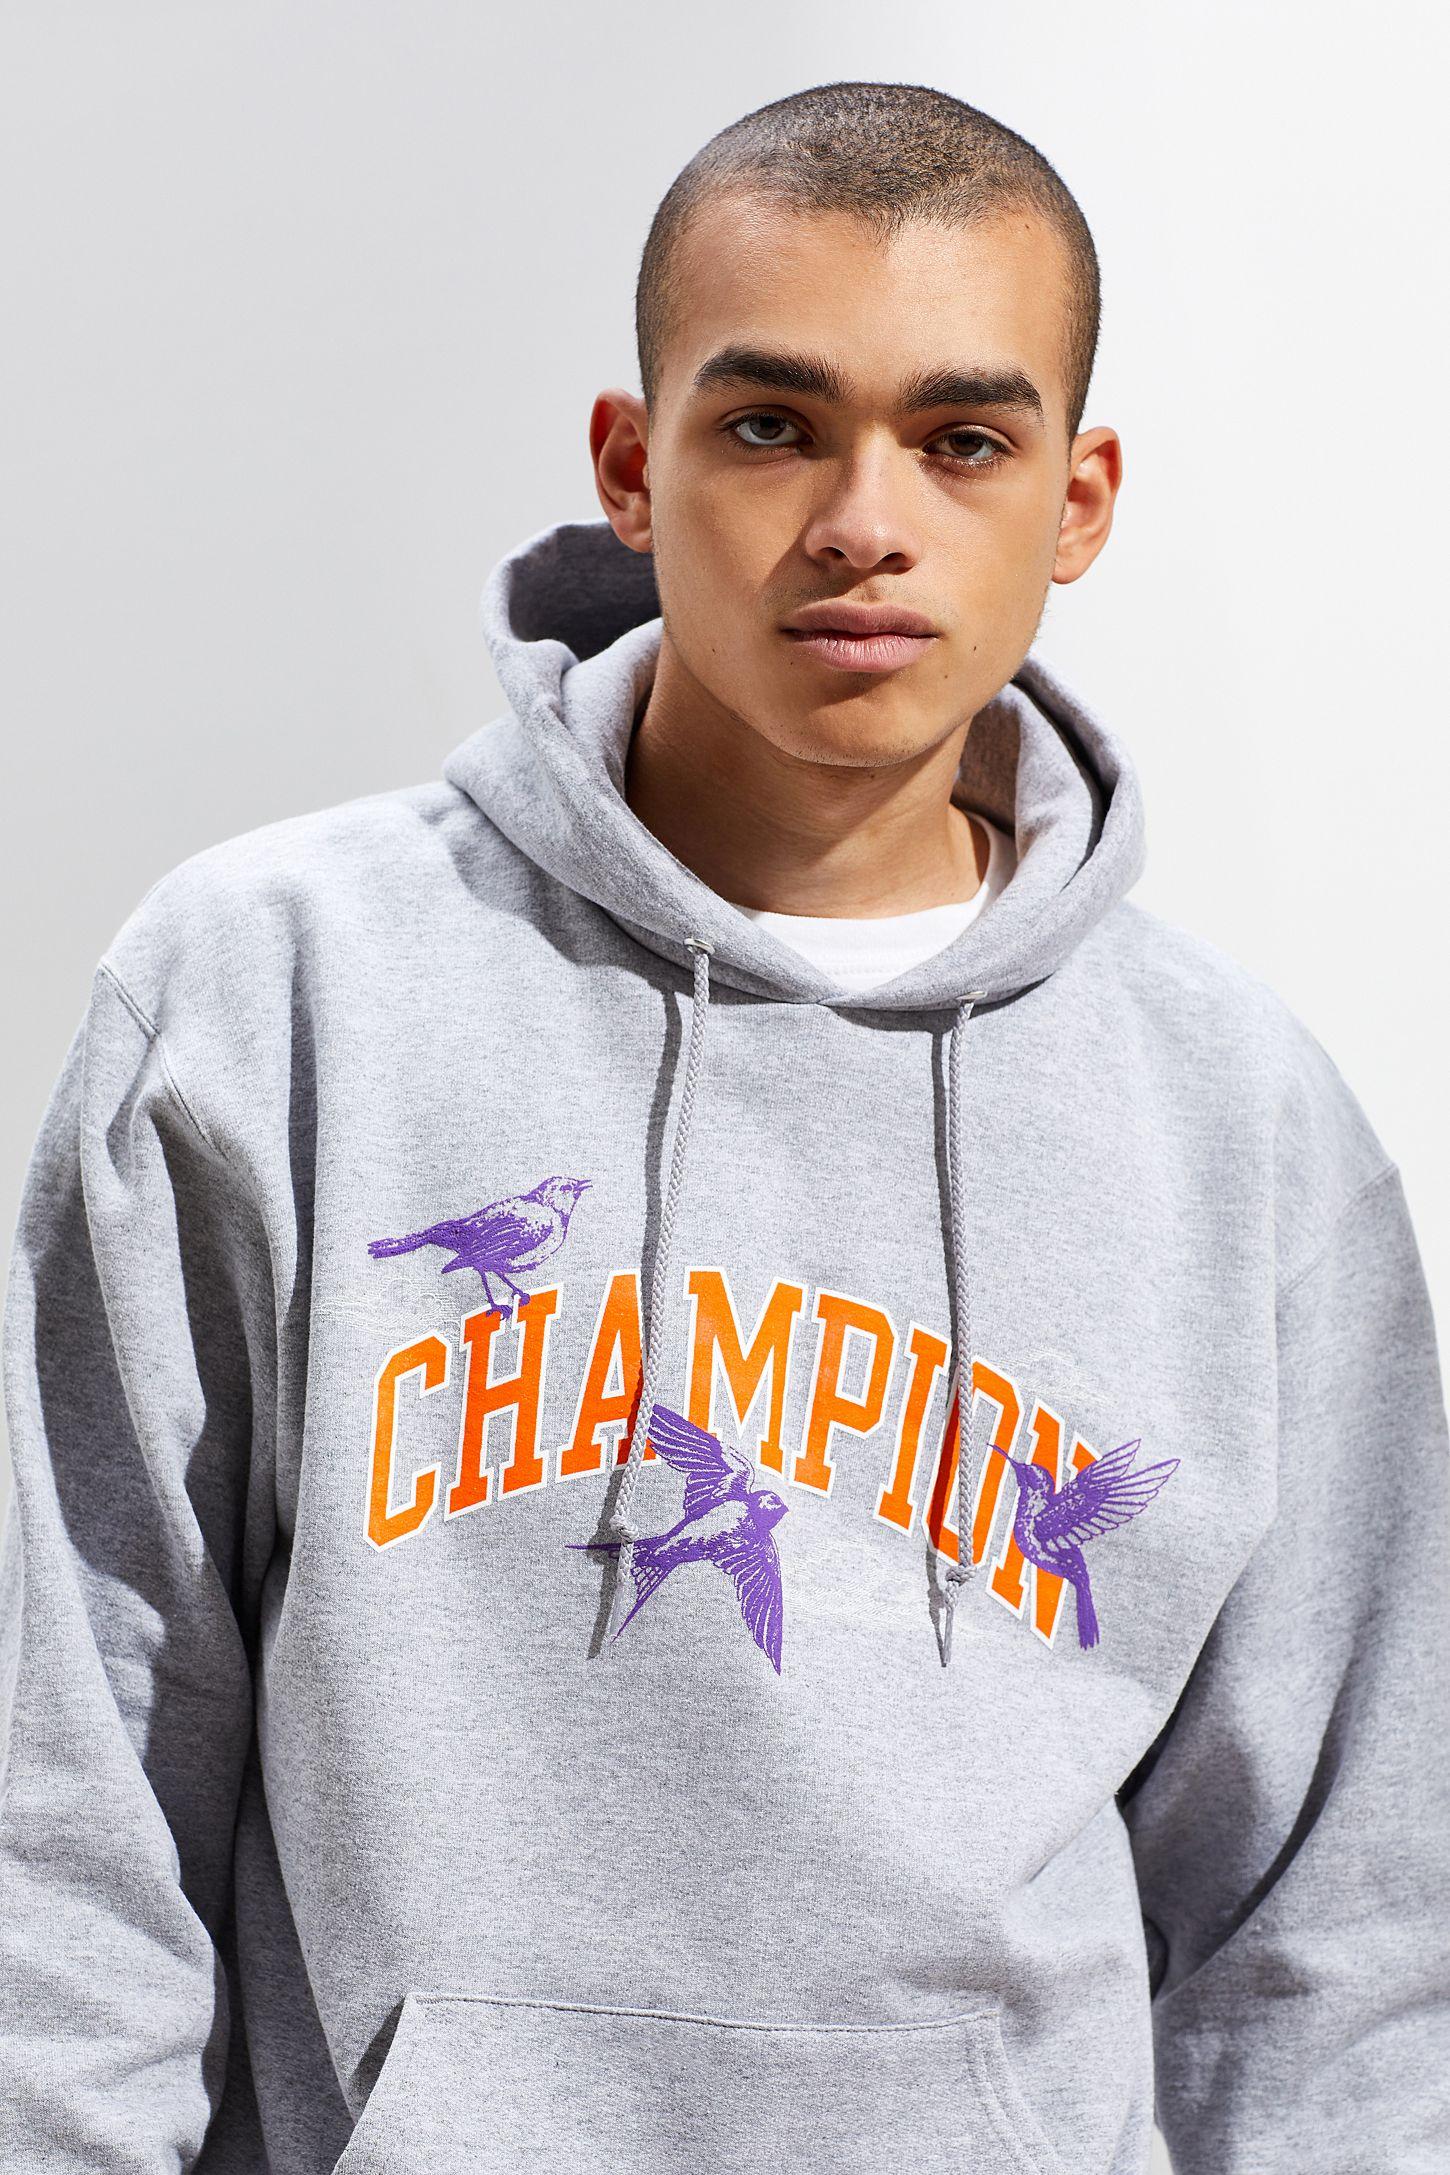 parhaiten rakastettu 100% laatu paras tukkumyyjä Champion UO Exclusive Eco Fleece Bird Print Hoodie Sweatshirt